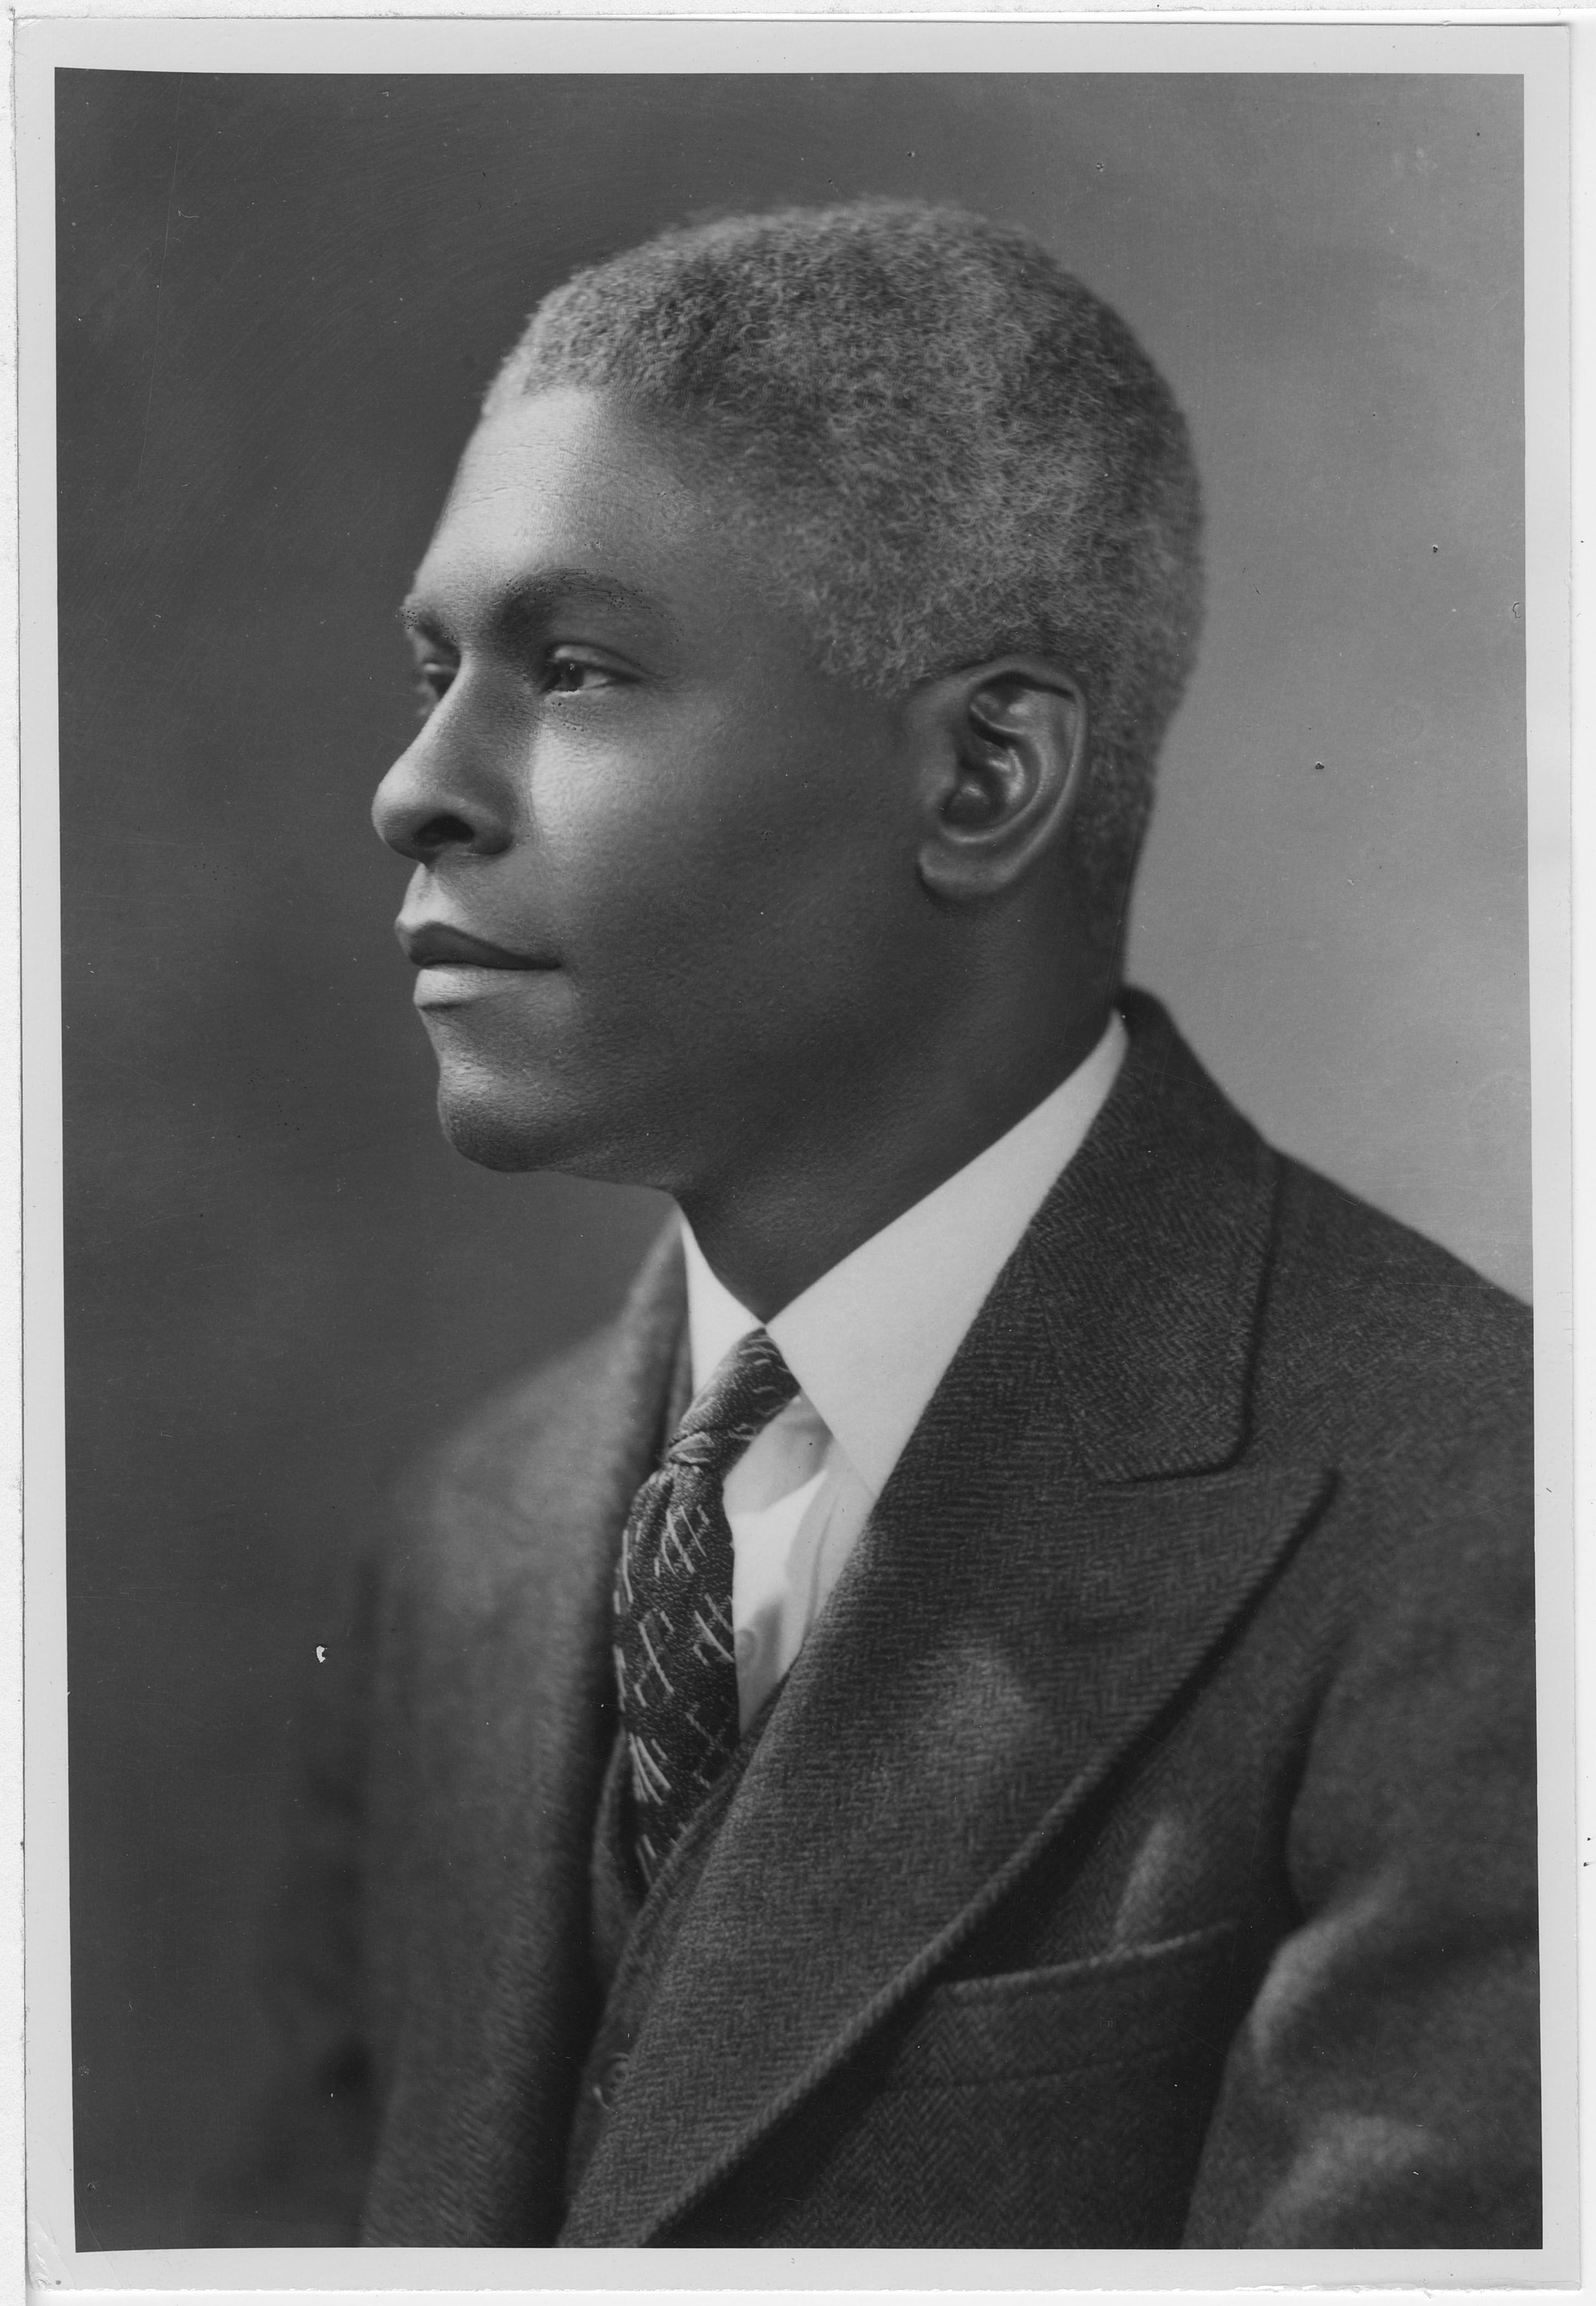 Headshot of Benjamin E. Mays